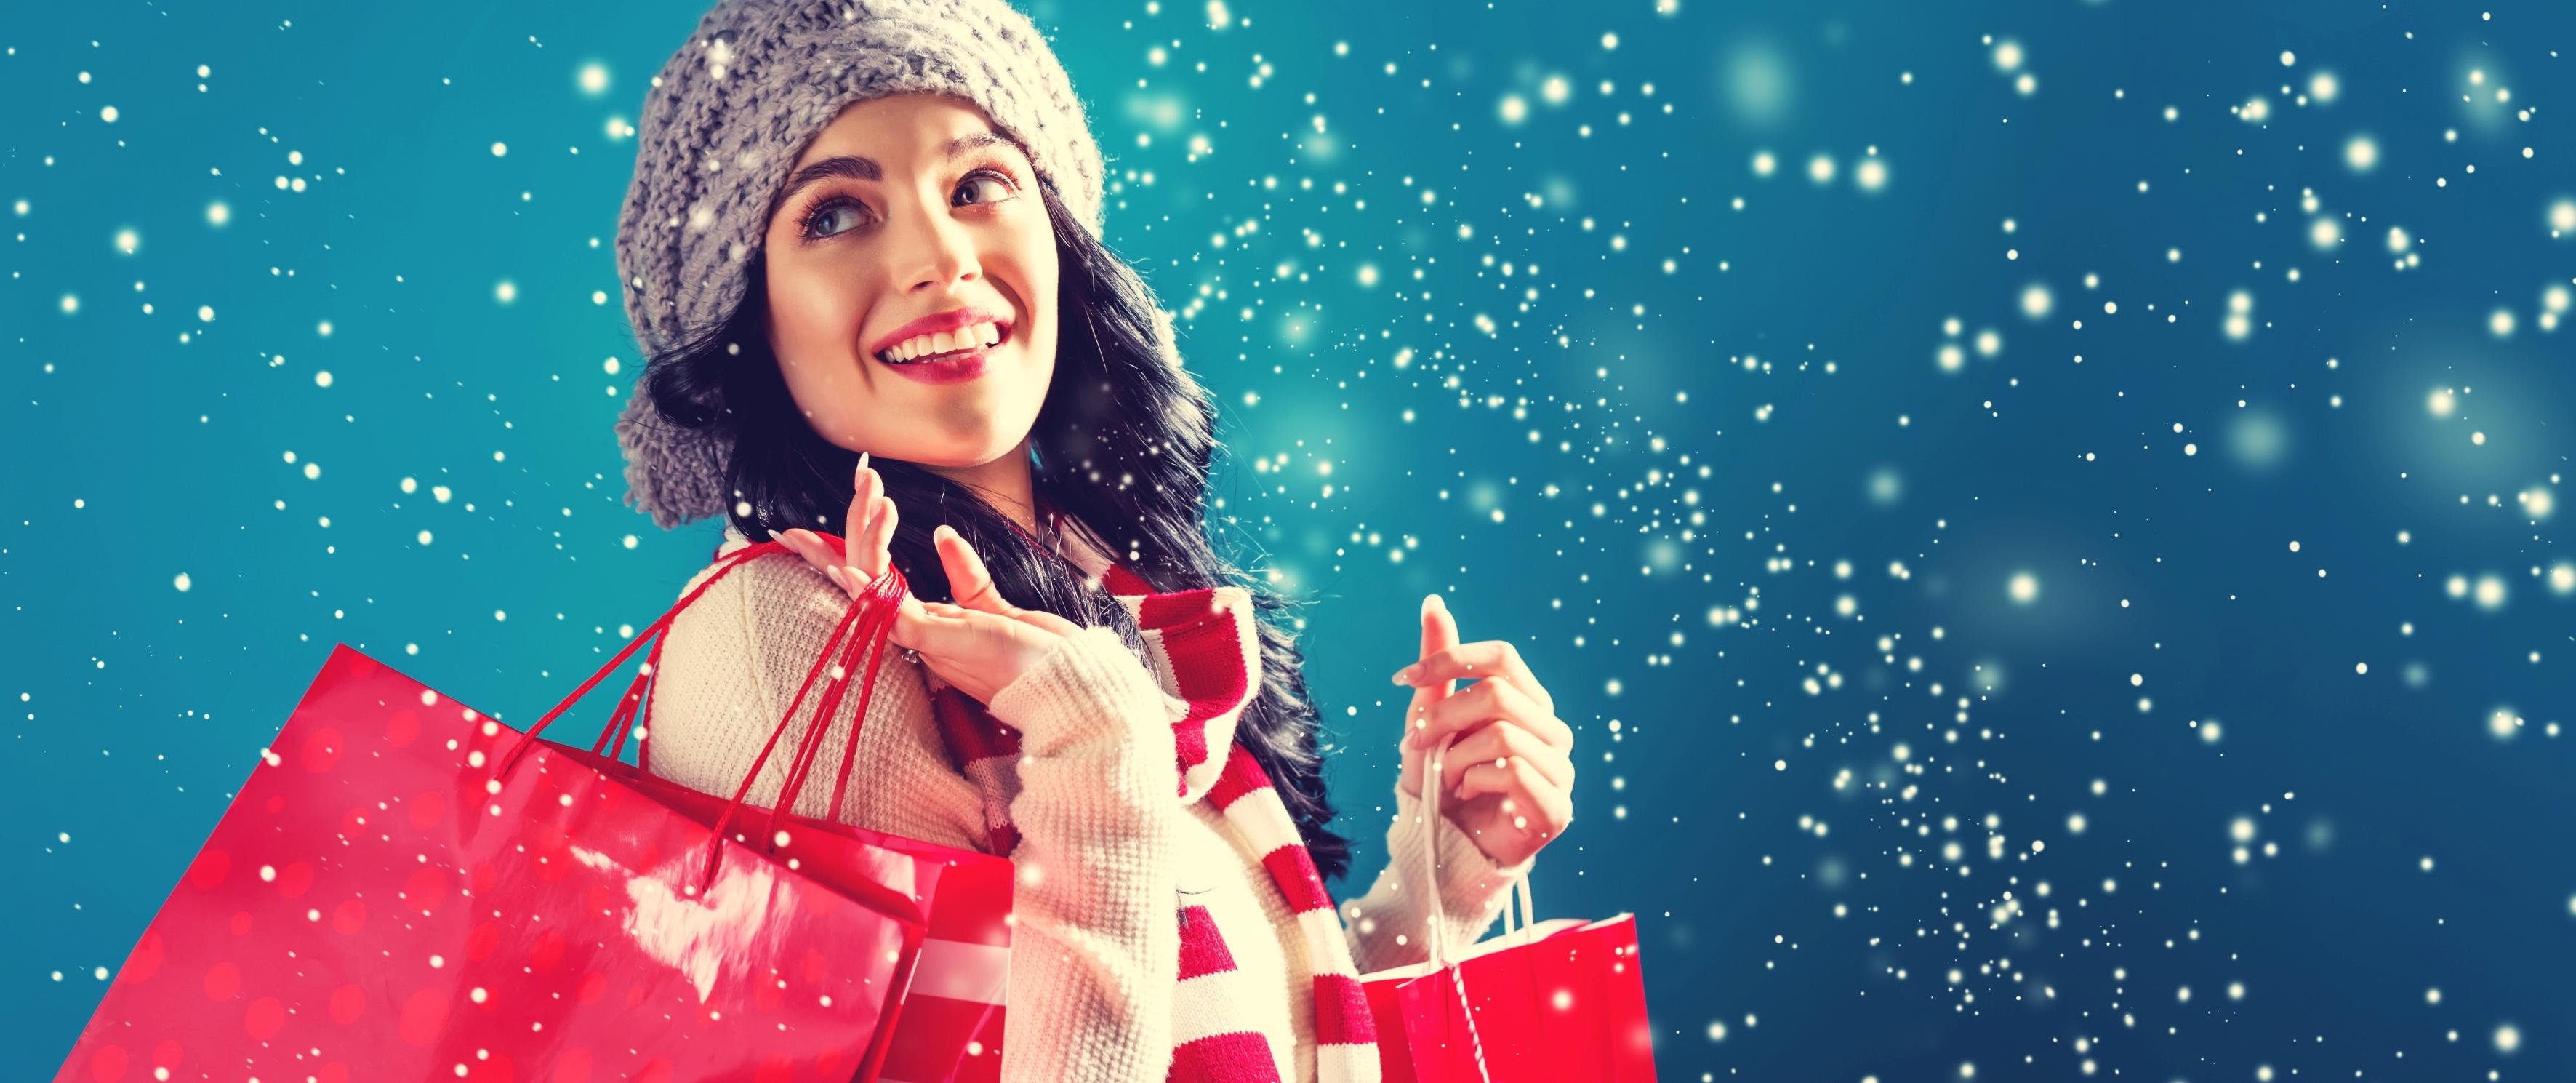 Mädchen mit Einkaufstüte